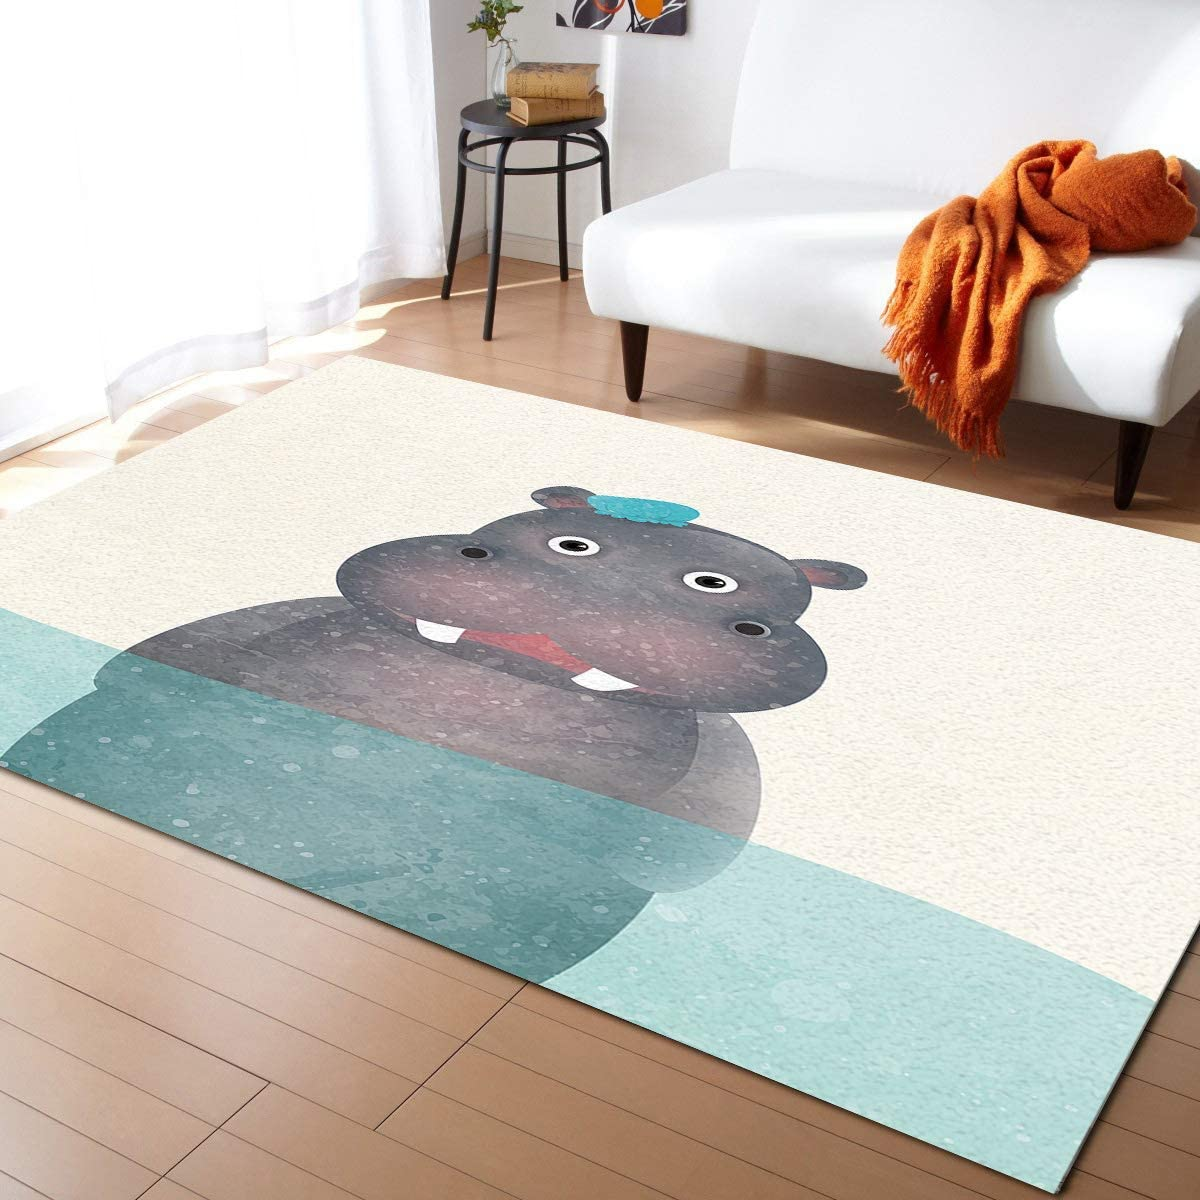 ARTSHOWING Animal Theme Area New popularity Rug 2'7